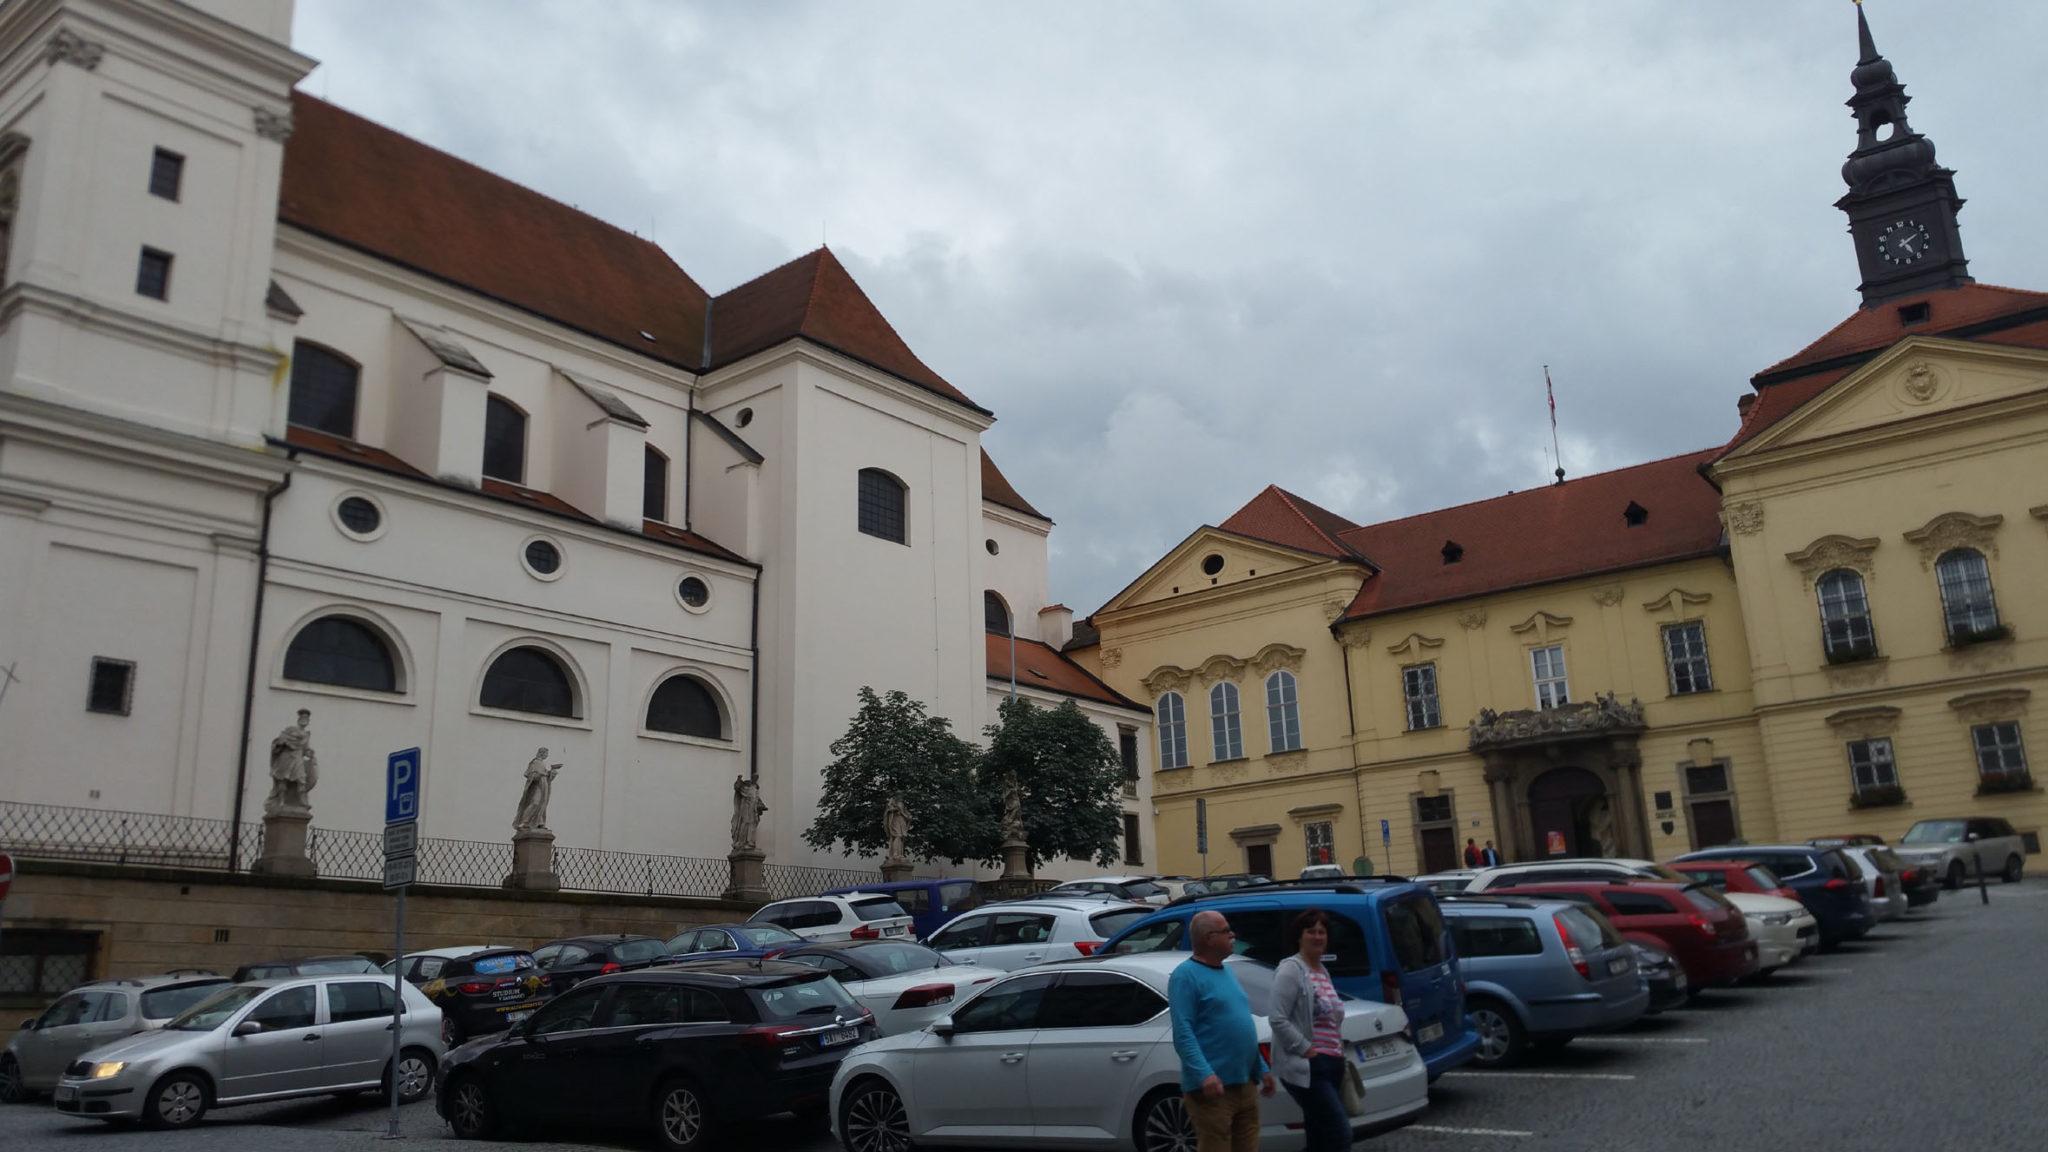 Dominikánské náměstí jako parkoviště, jaro 2018